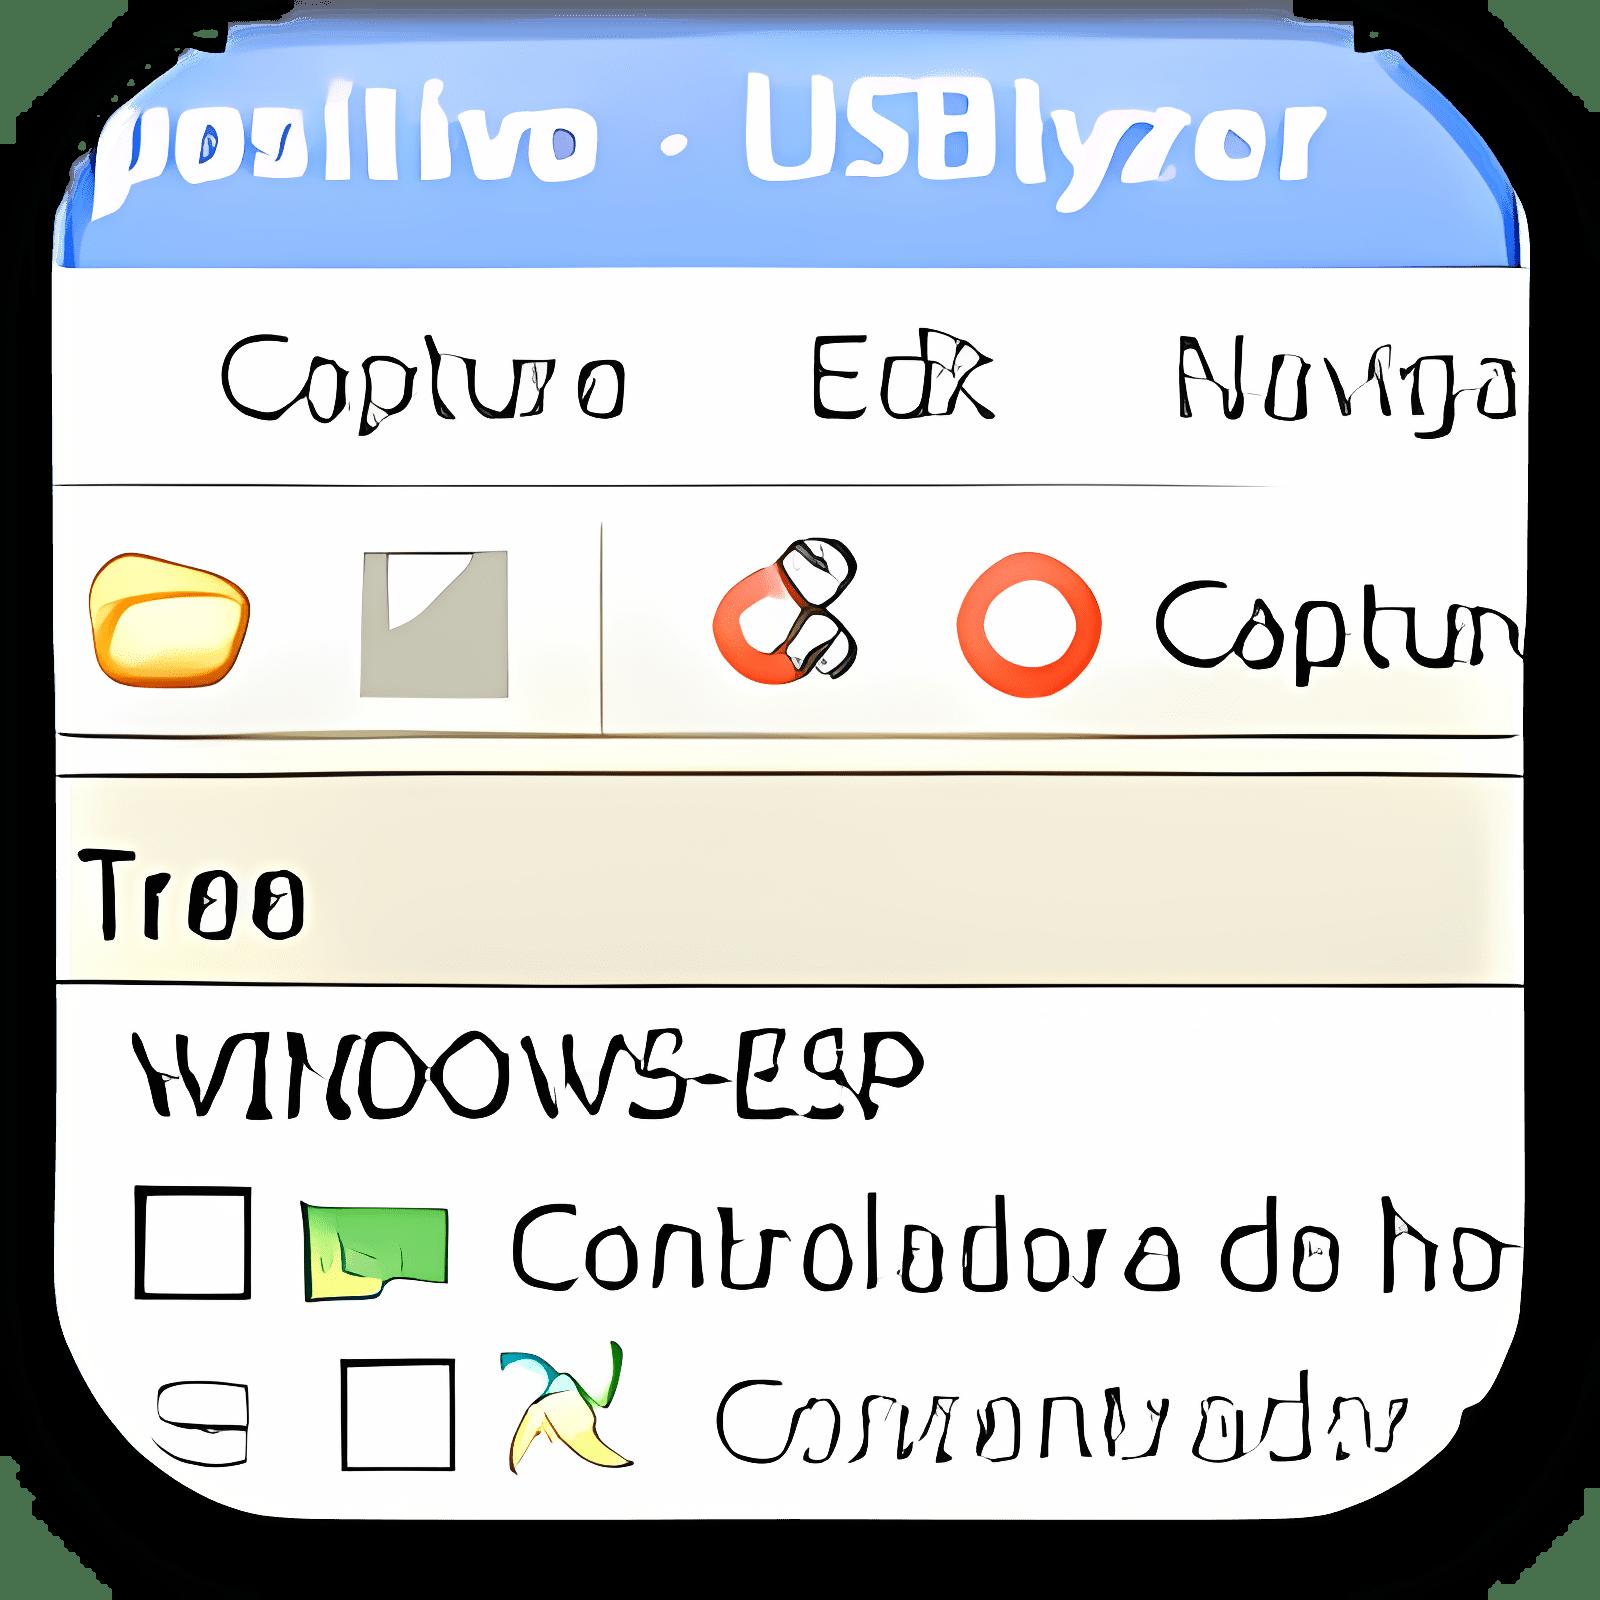 USBlyzer